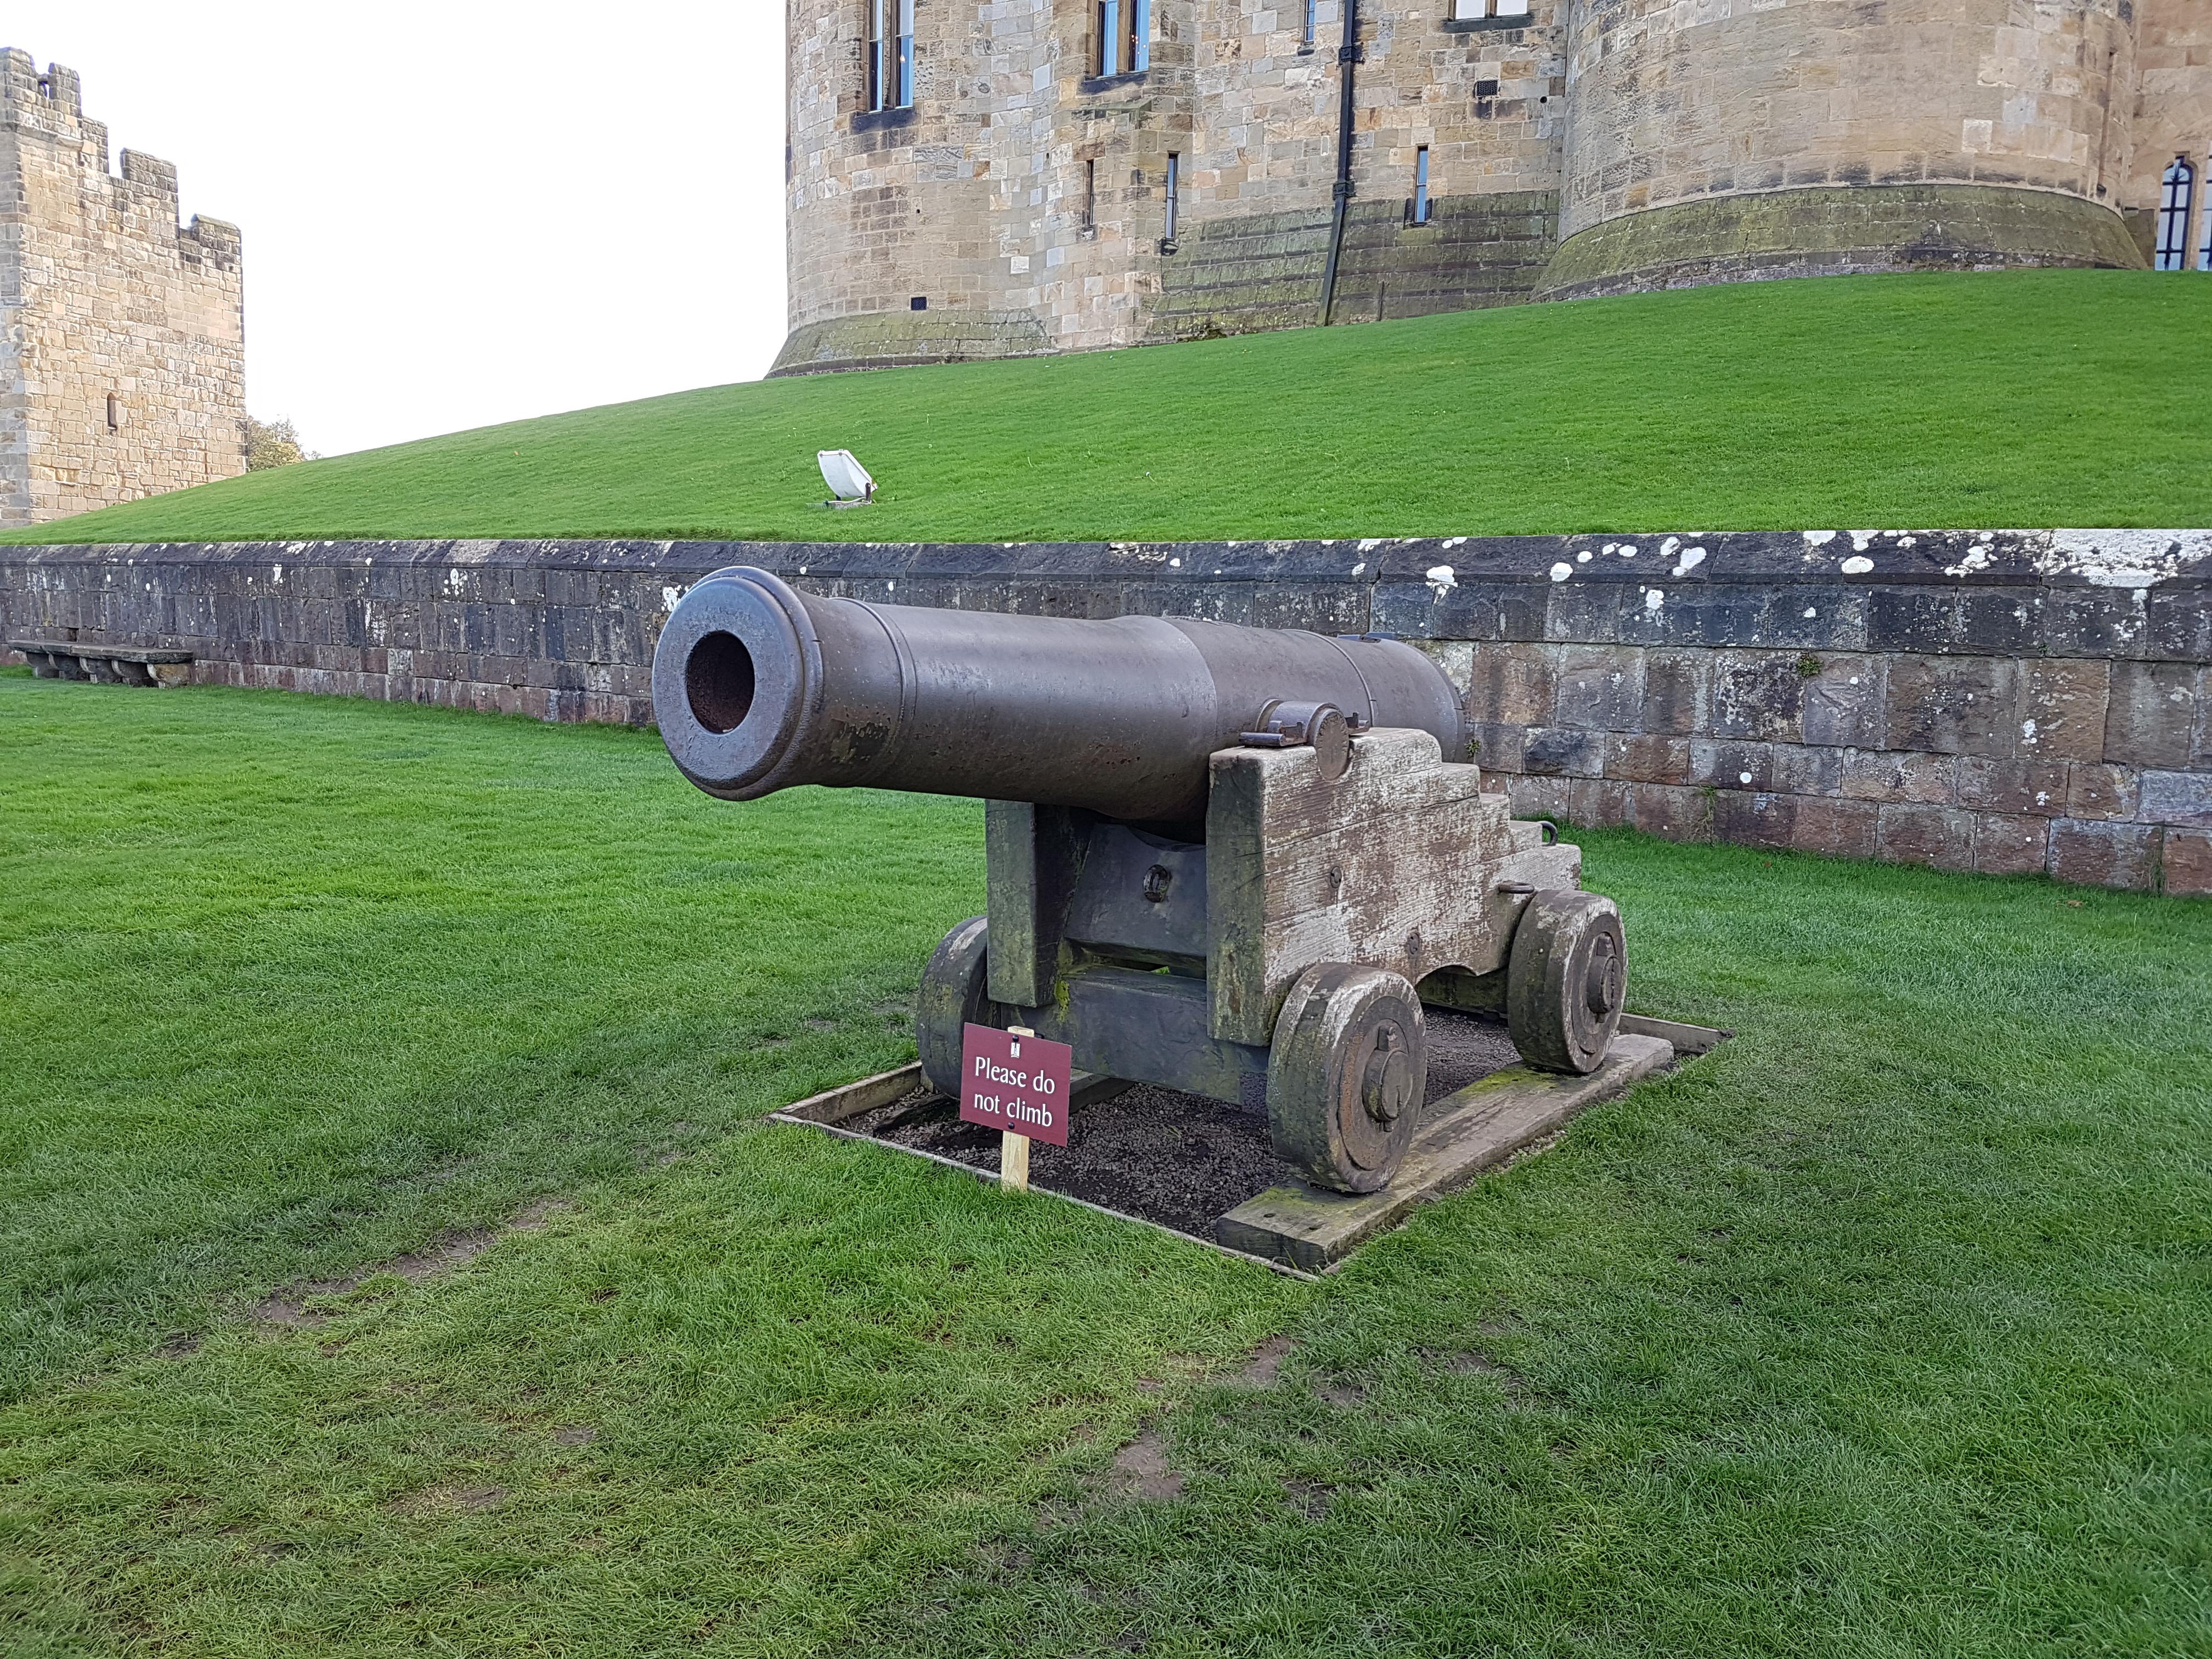 Alnwick castle cannon photo